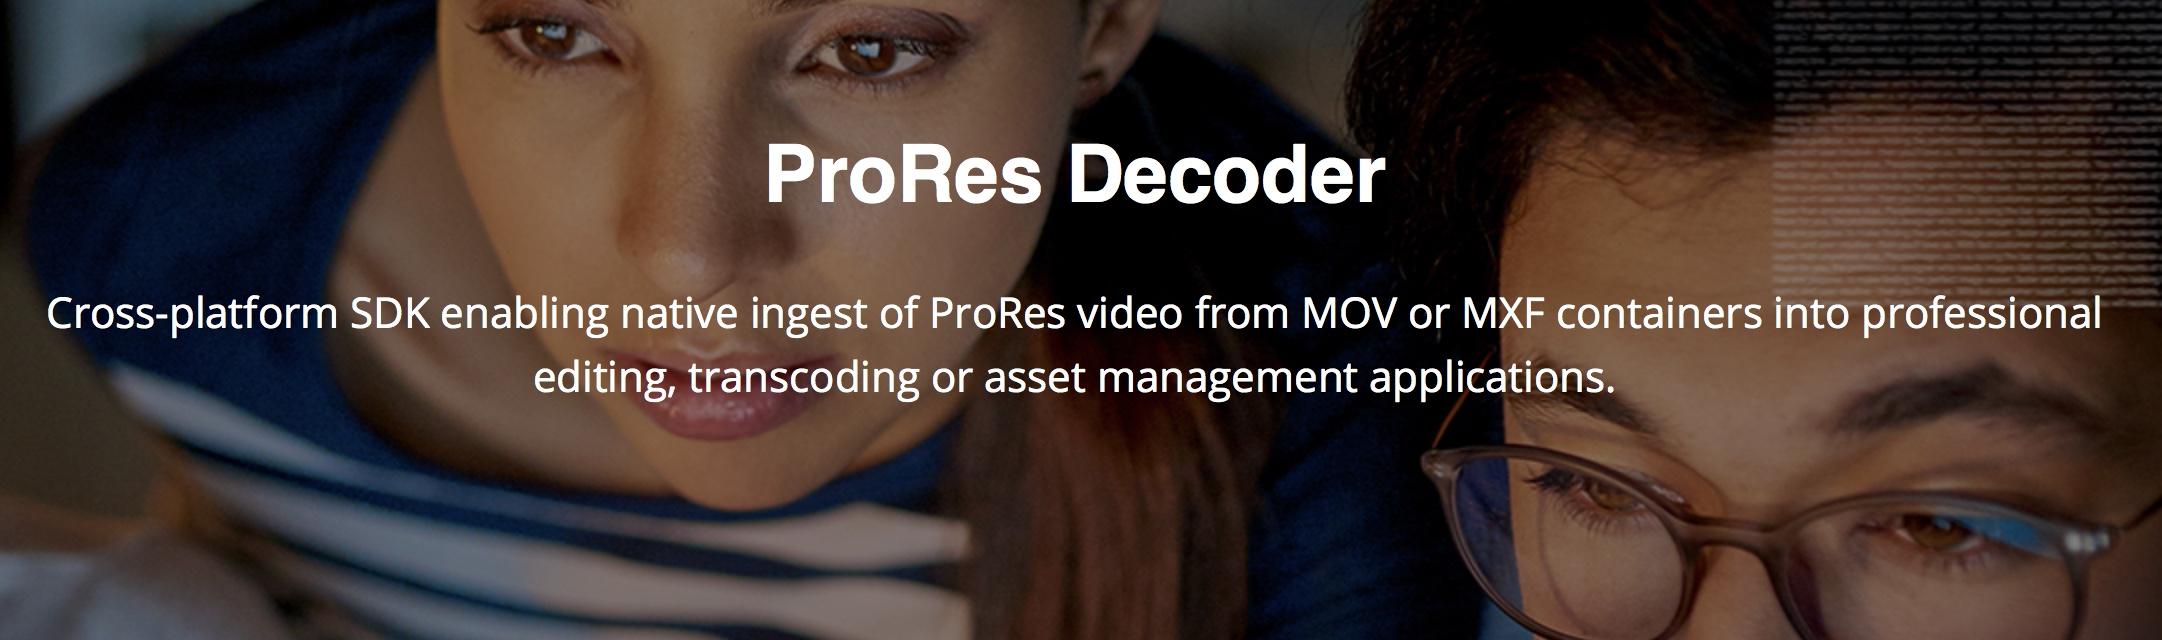 MainConcept announces multi-platform ProRes decoding SDK